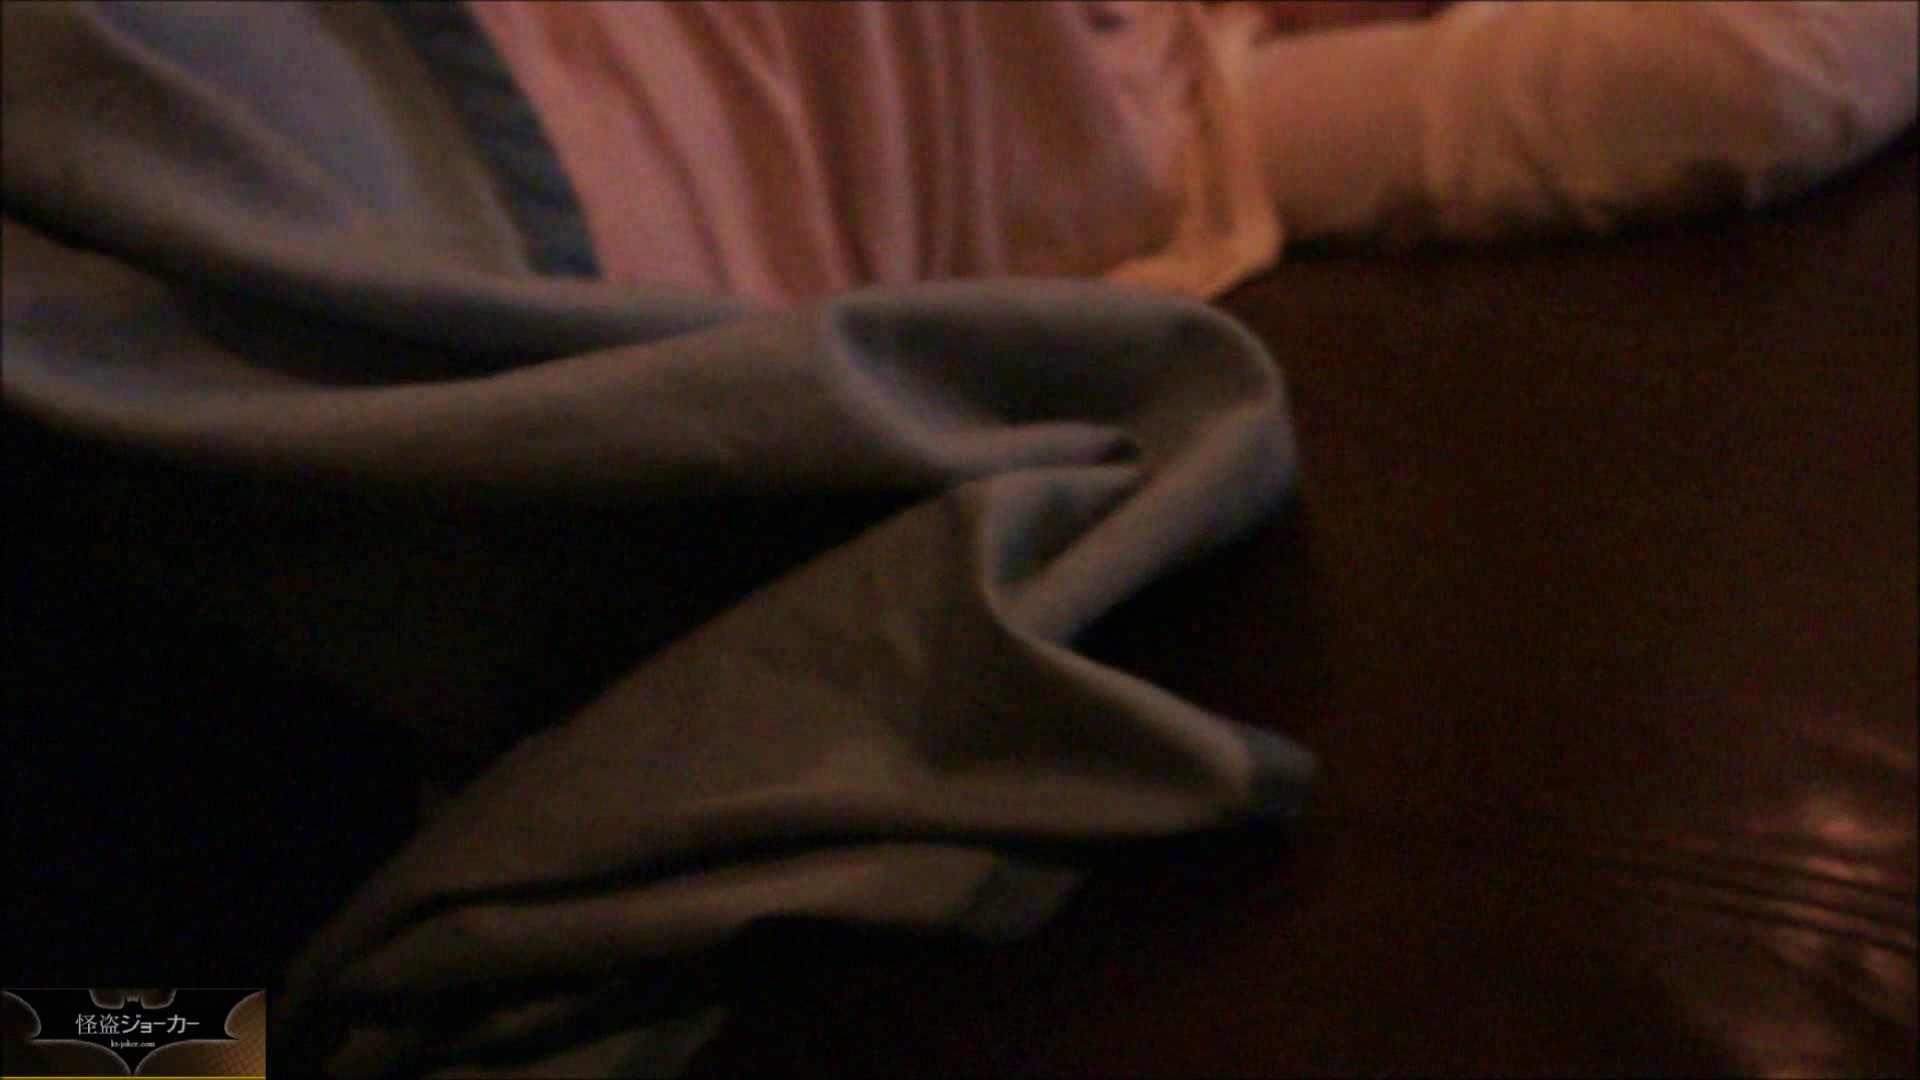 vol.2【白衣の天使・23歳】☆のりこちゃん☆カラオケで酔い潰して!! エッチなOL   リアルマンコ  104枚 70